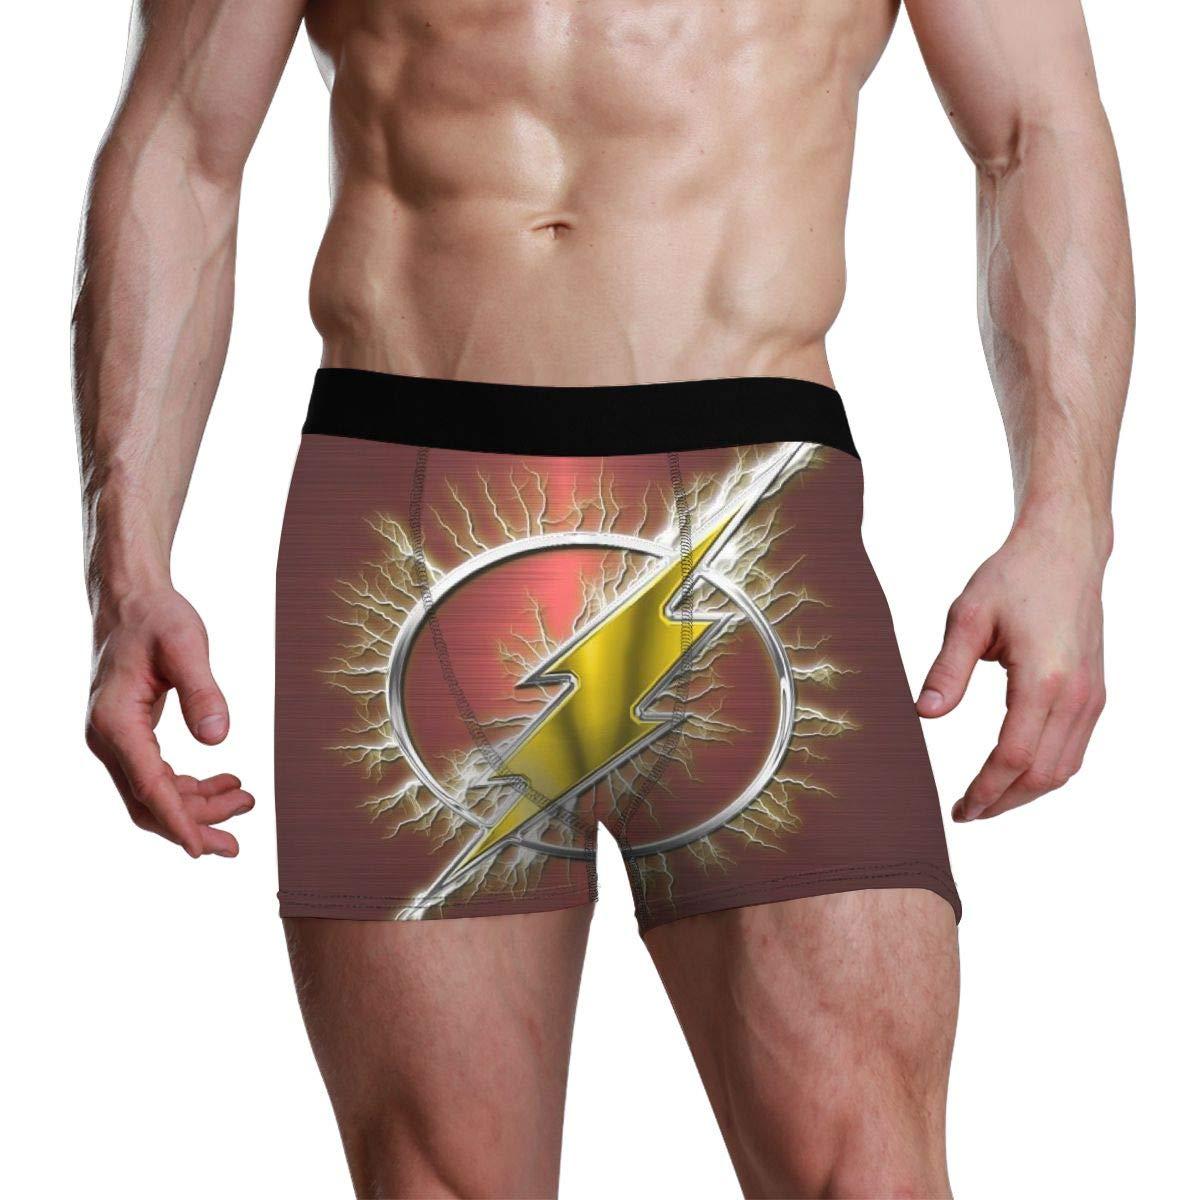 OPKSII The Flash Man Boxer Briefs Mens Underwear Pack Seamless Comfort Soft